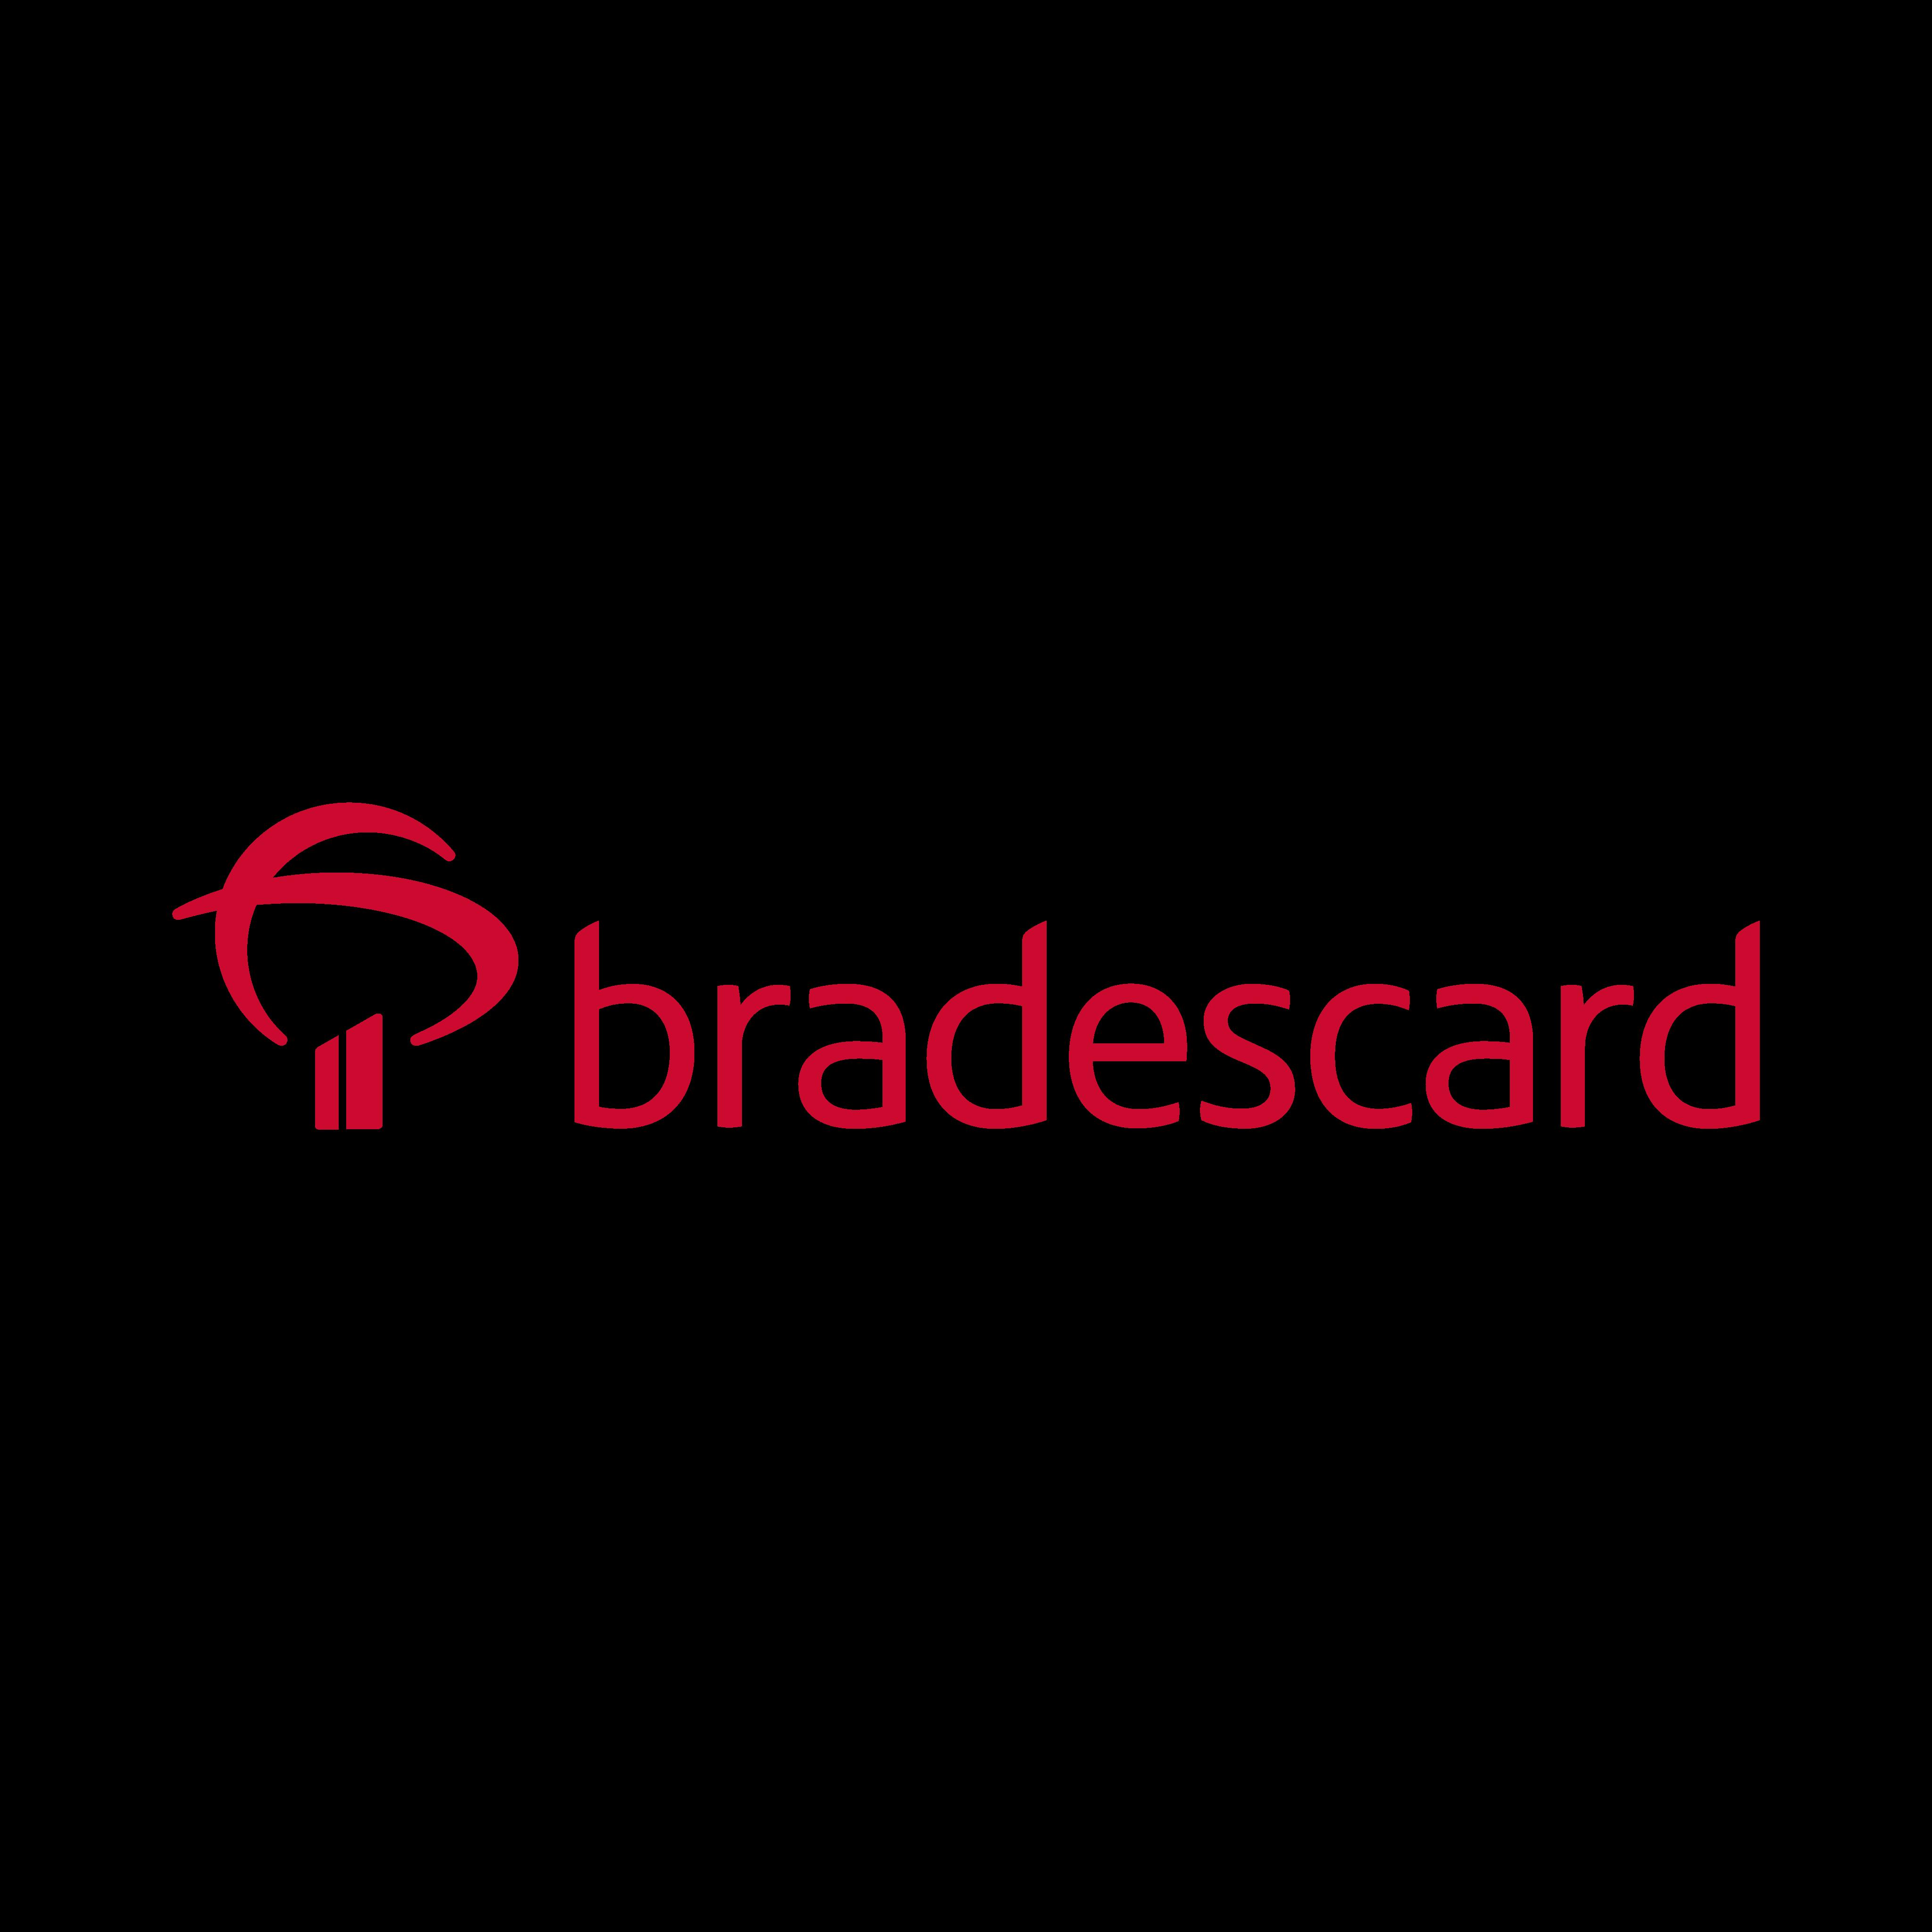 bradescard logo 0 - Bradescard Logo